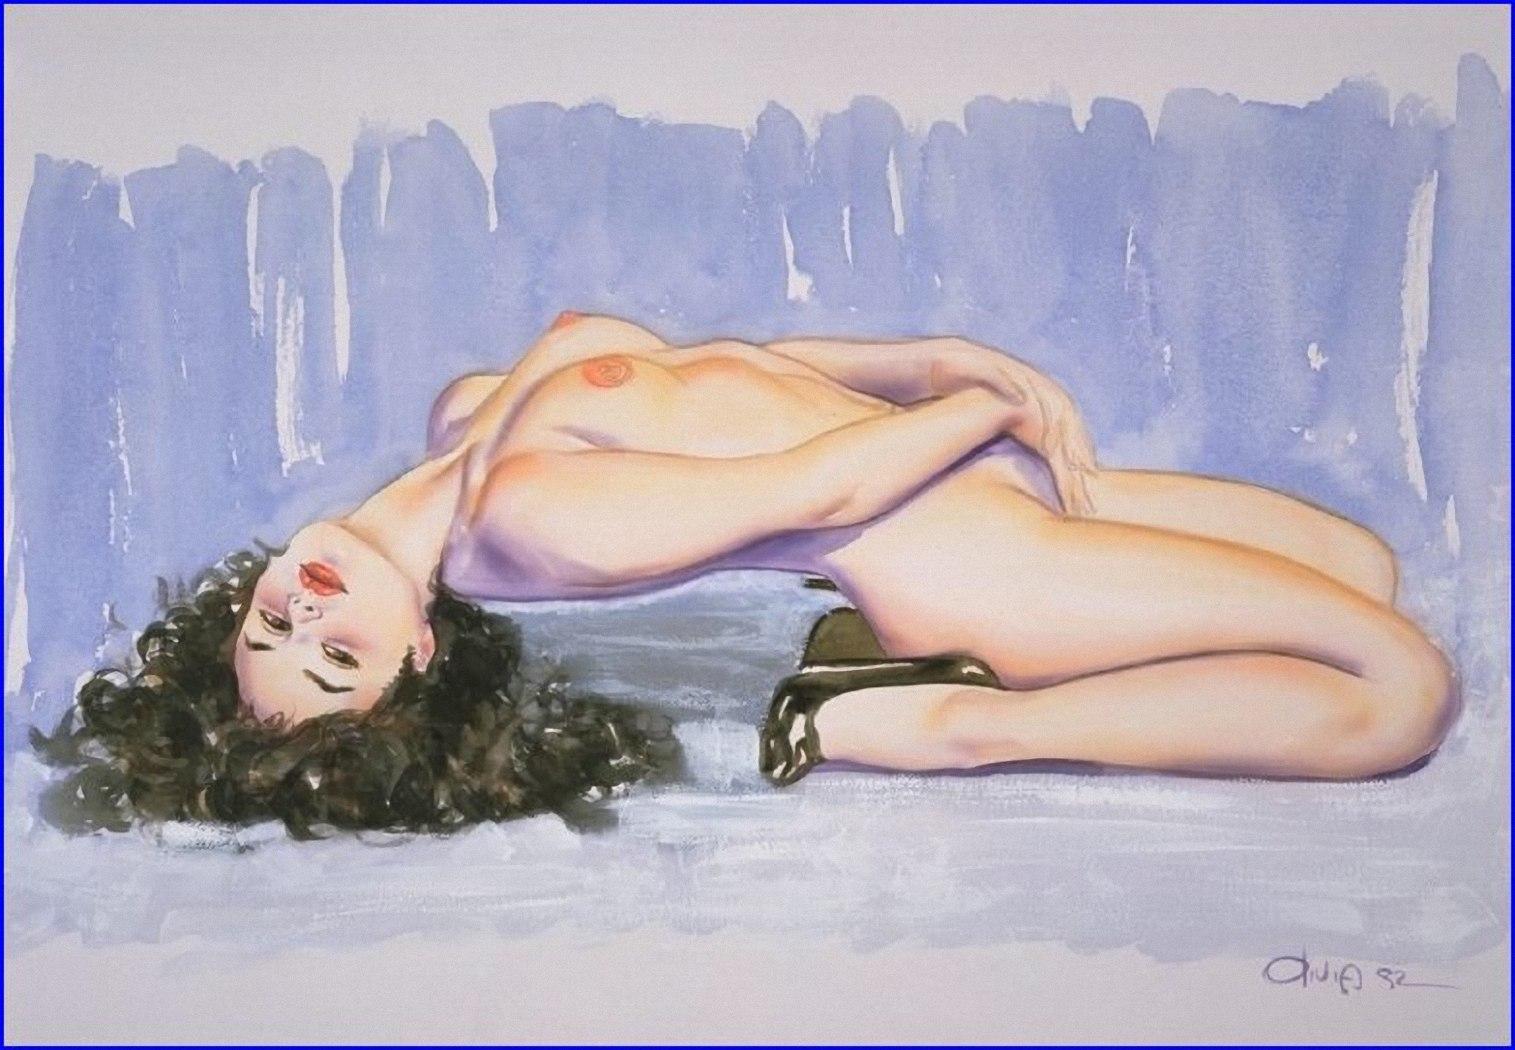 Рисовать фото эротика, Рисунки голых девушек - эротические картинки 7 фотография